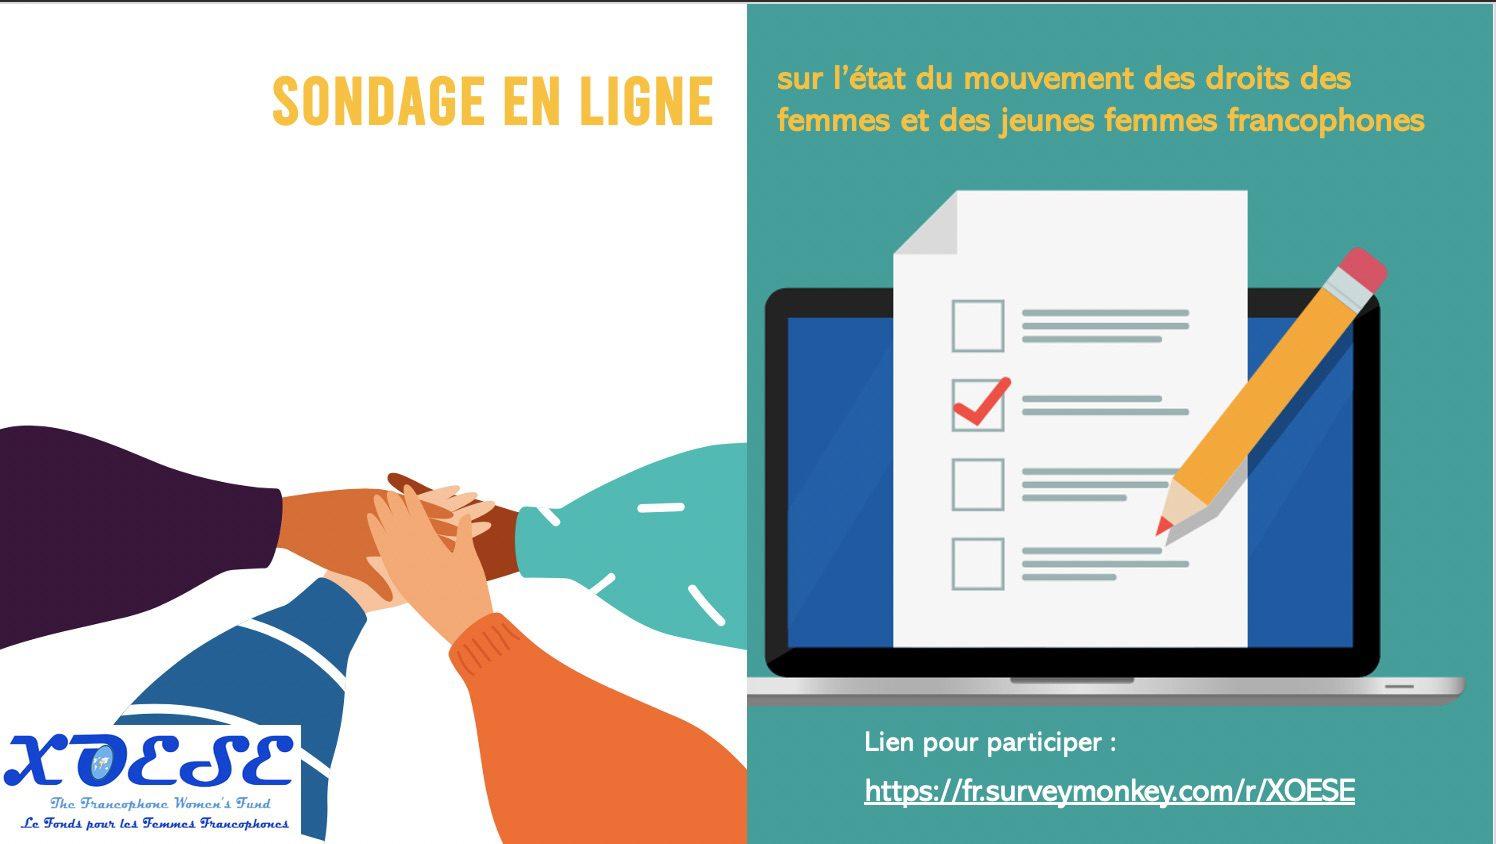 Etude sur l'état du mouvement des droits des femmes et des jeunes femmes francophones: PARTICIPEZ A L'ENQUETE!